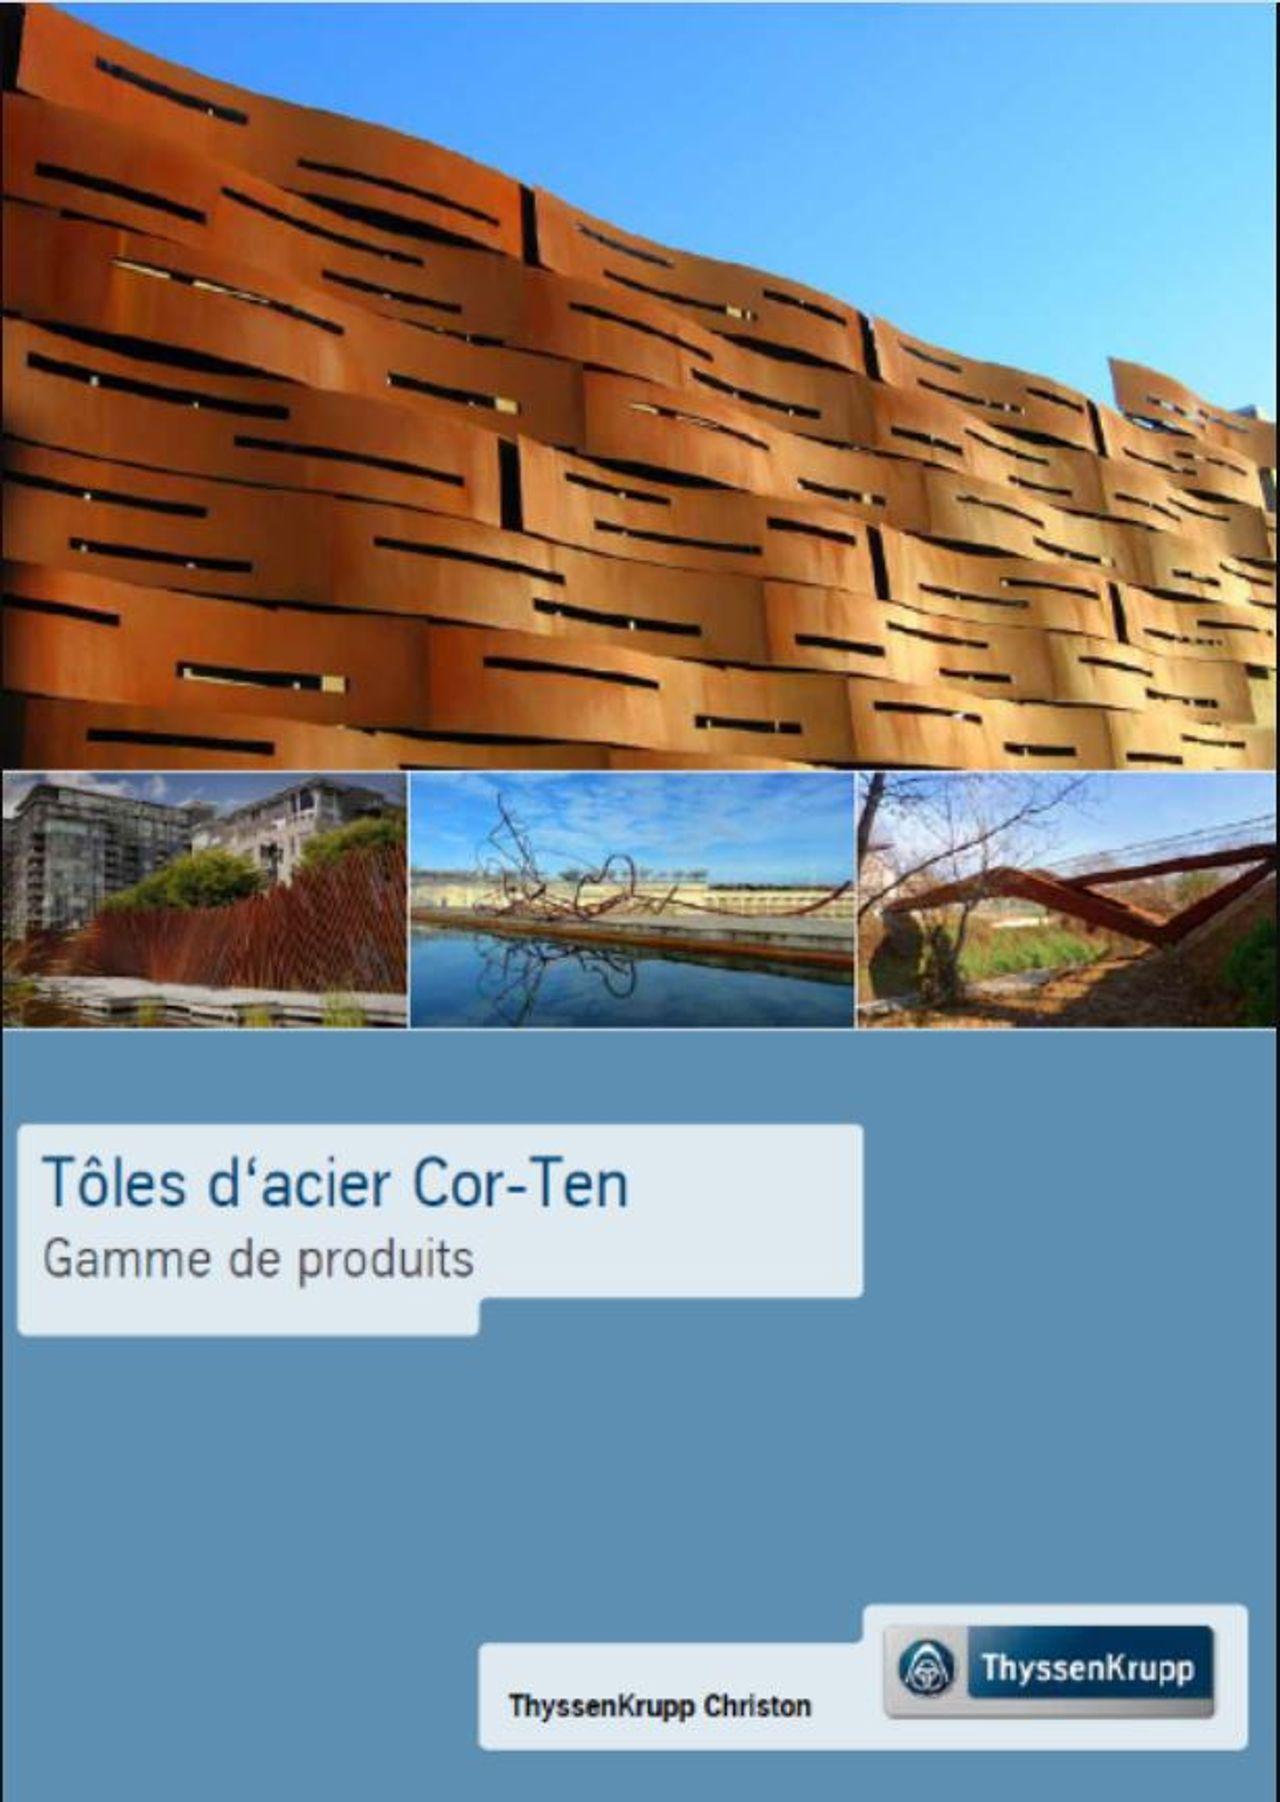 Tôles d'acier Cor-Ten - Gamme de produits (FR)